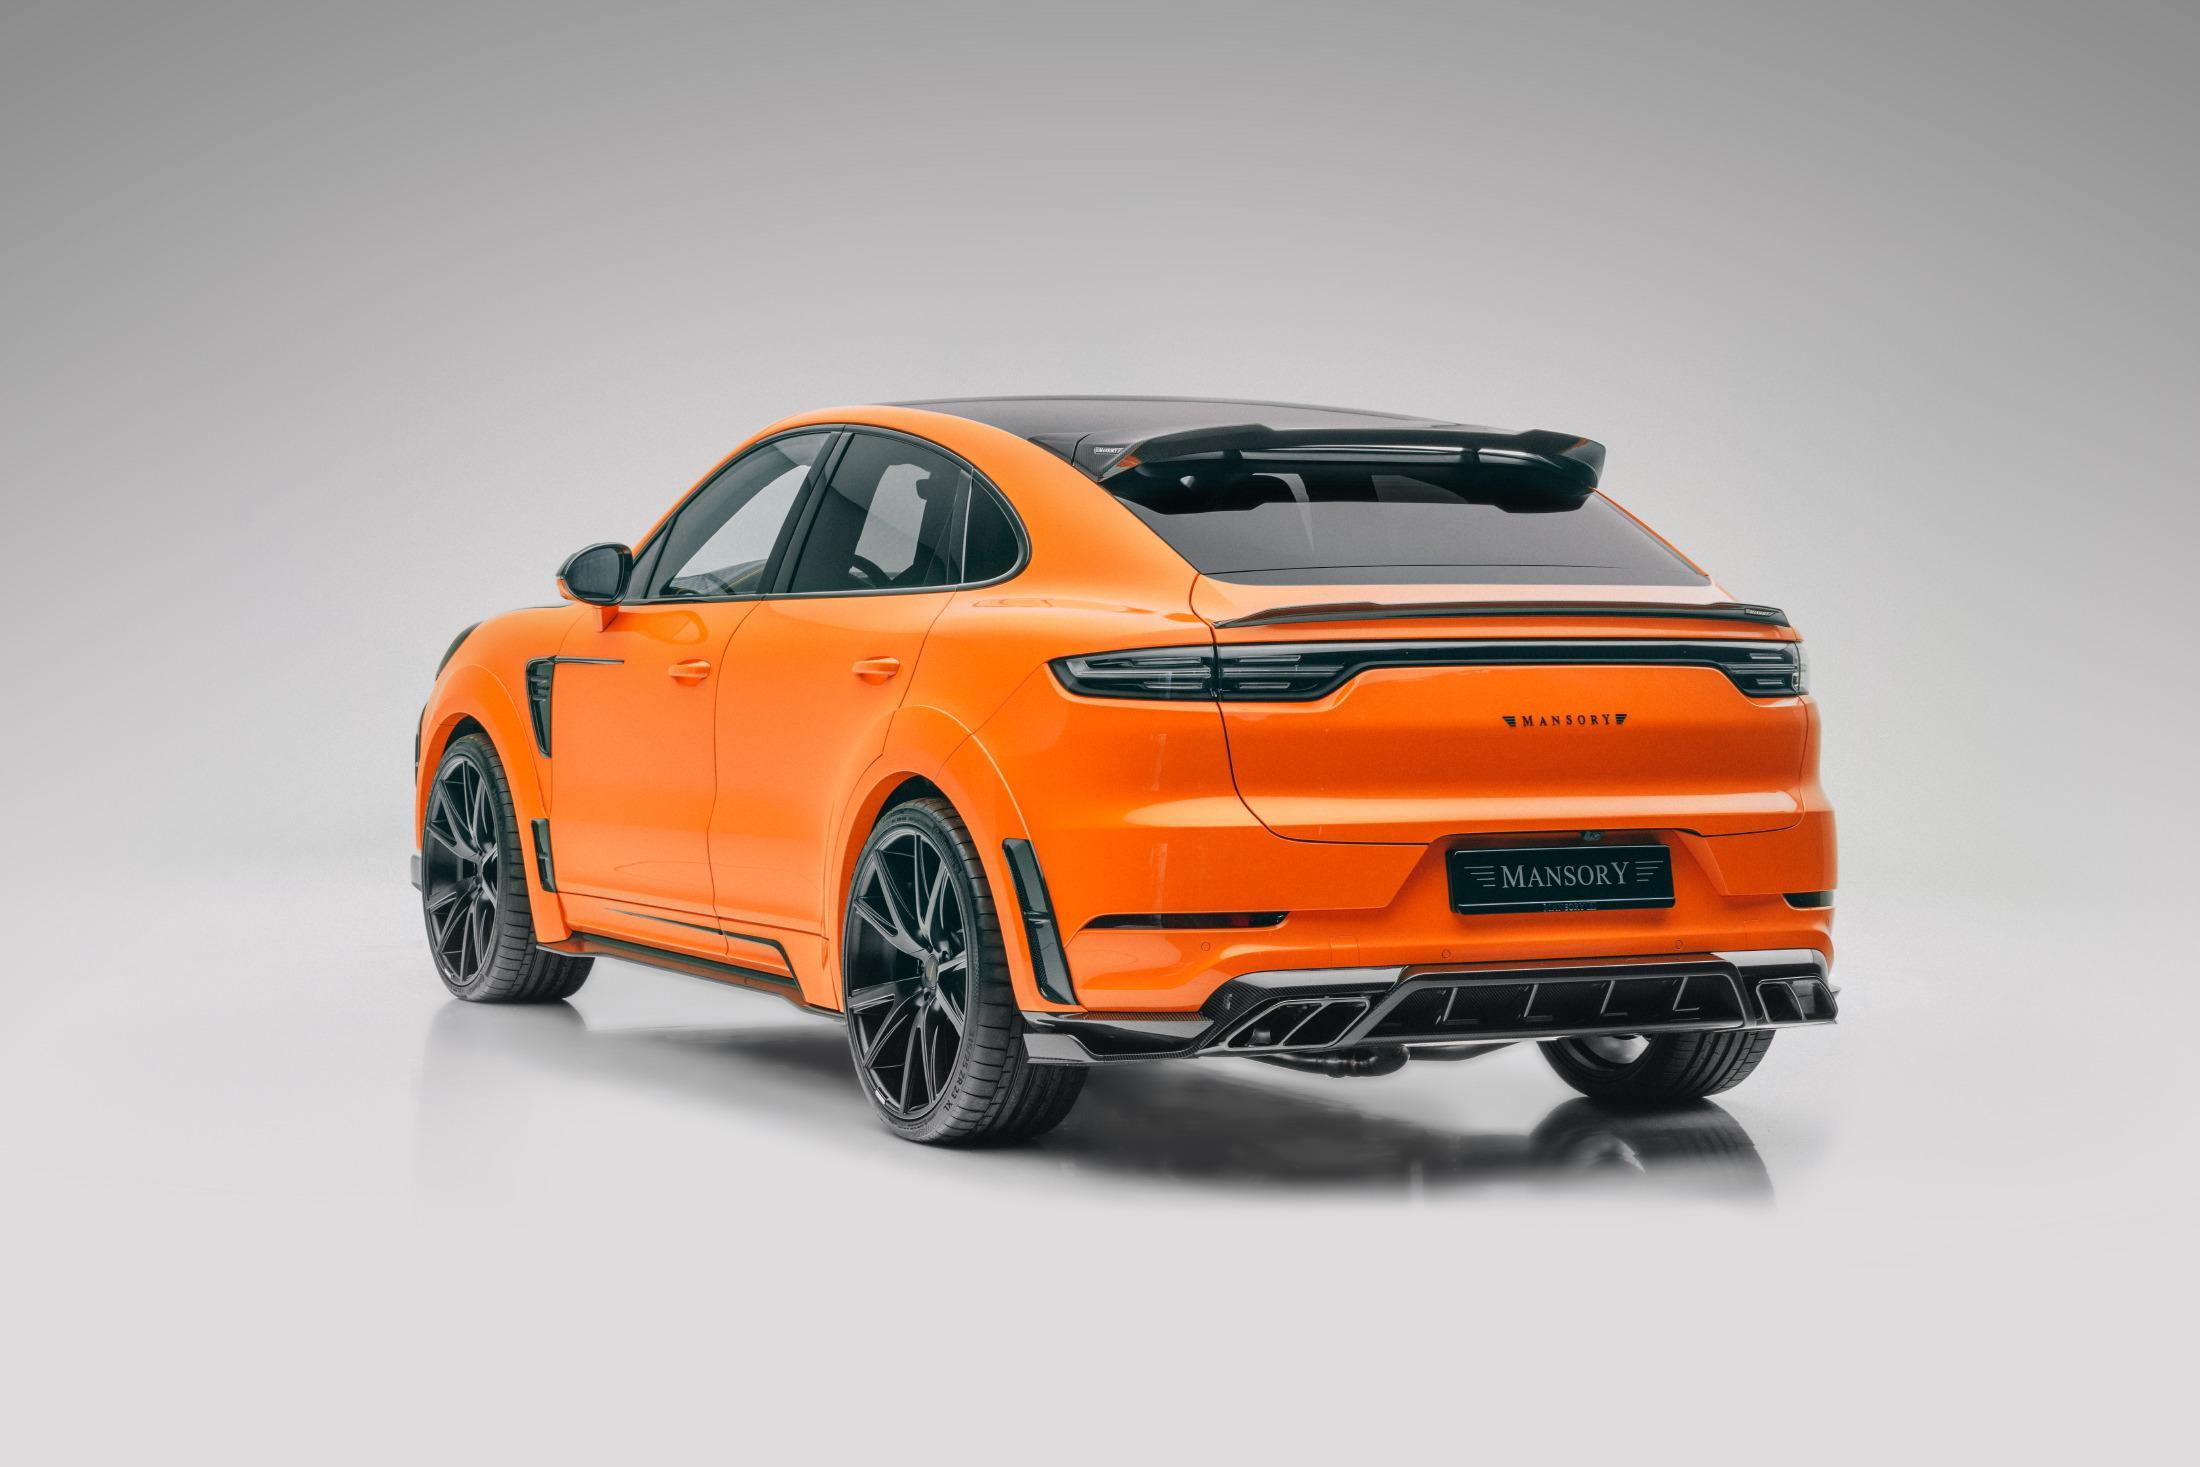 Orange Mansory Porsche Cayenne Turbo